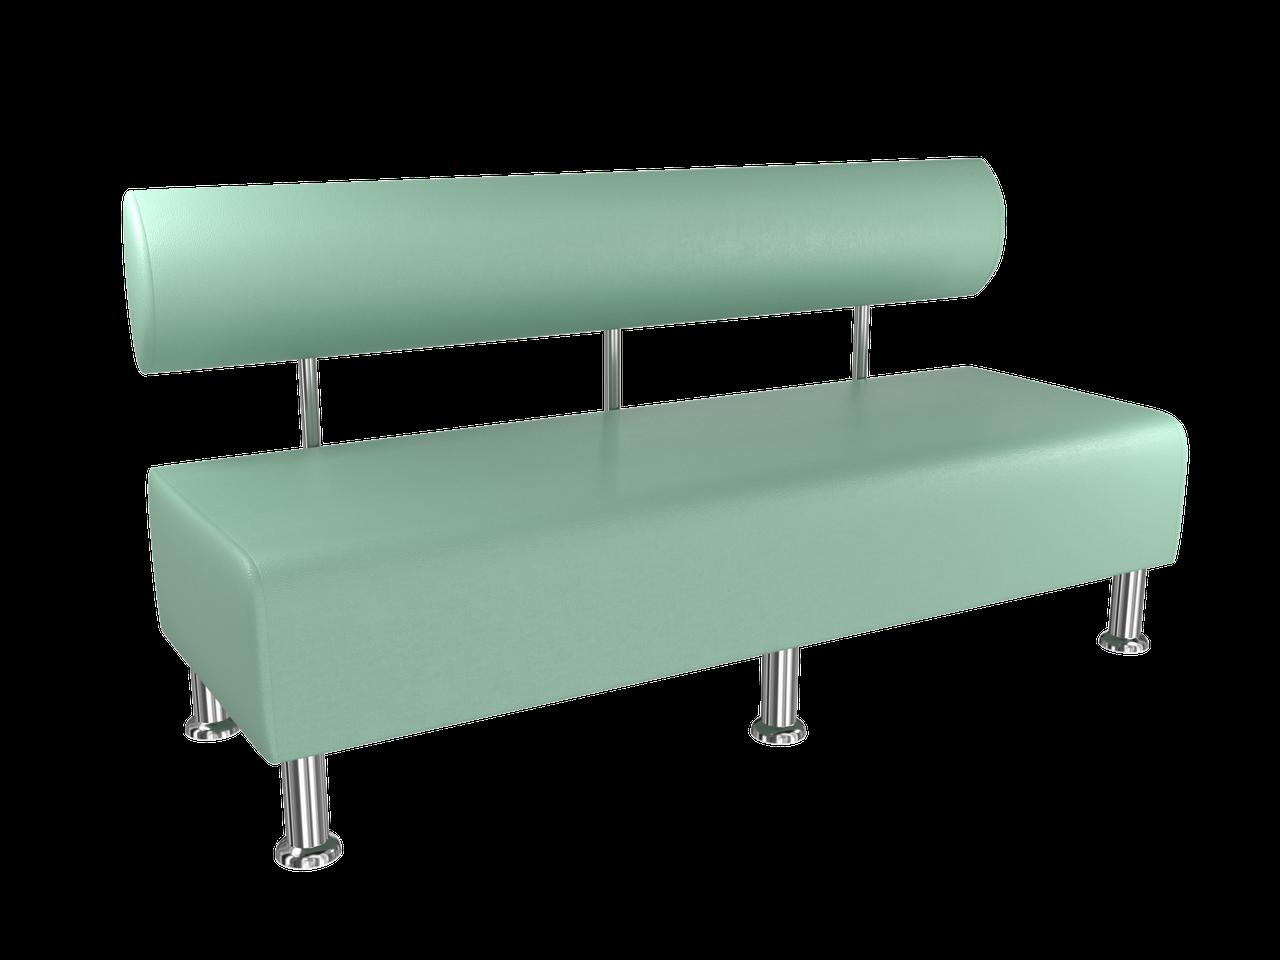 Диван BNB Solo 1500x540x750 светло-зеленый.  Для школы, больницы, приемной, ожидания